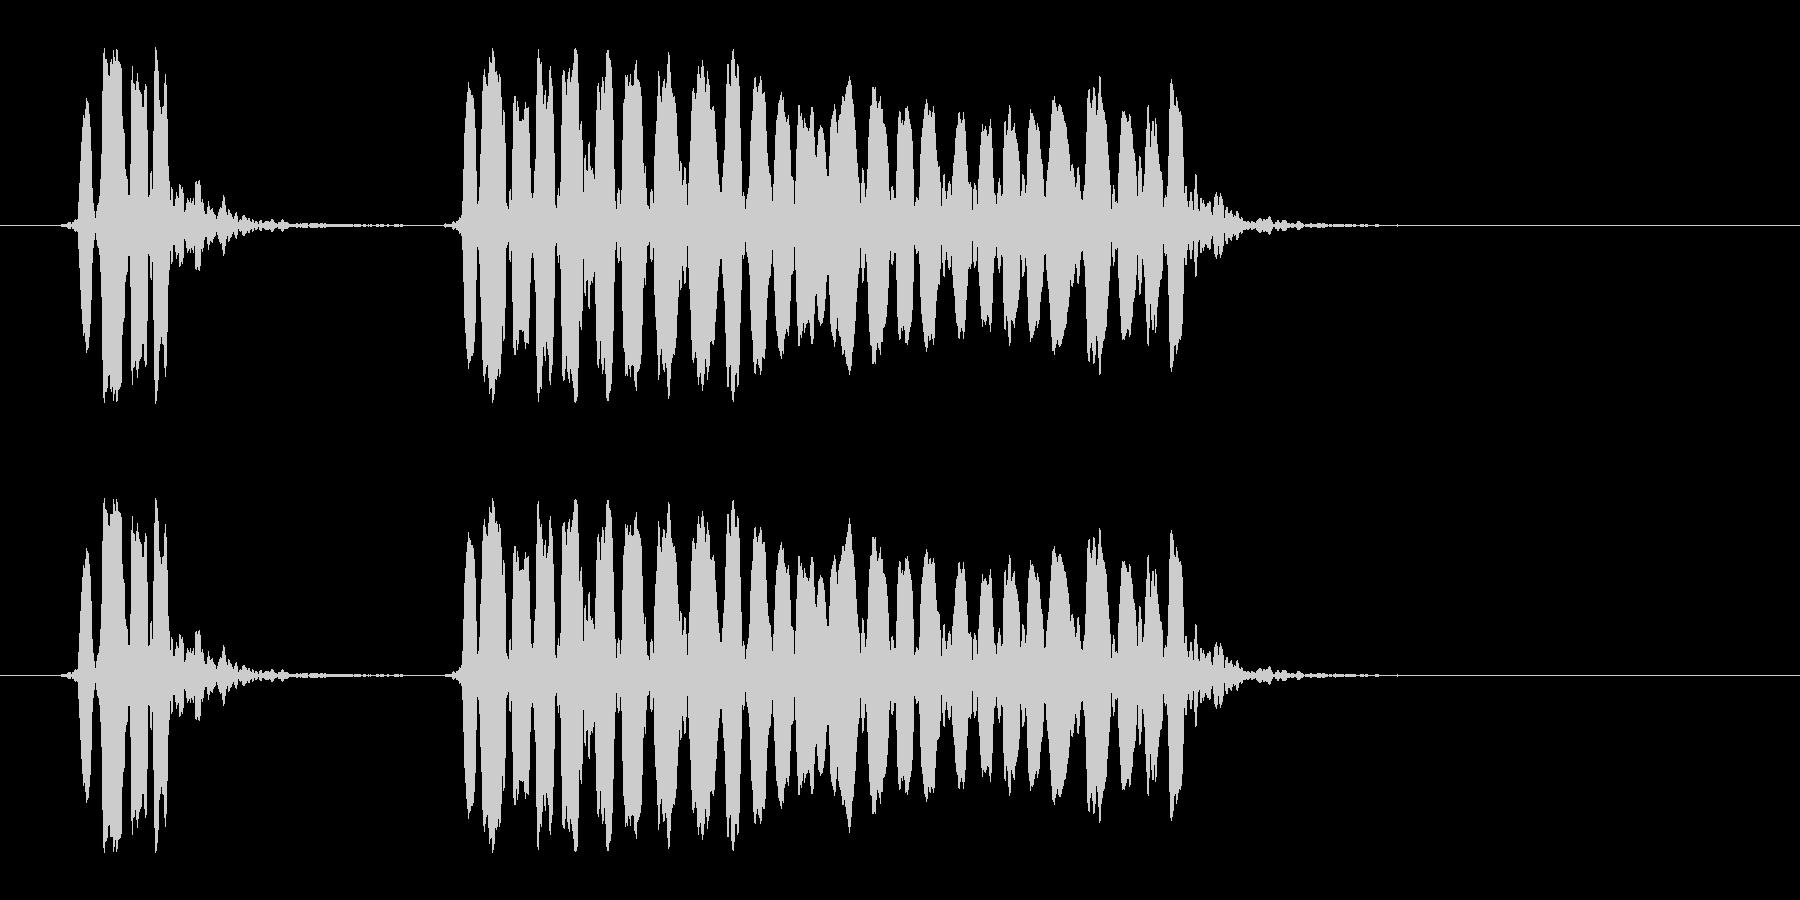 ホイッスルの音_06(ピッピーッ!)の未再生の波形